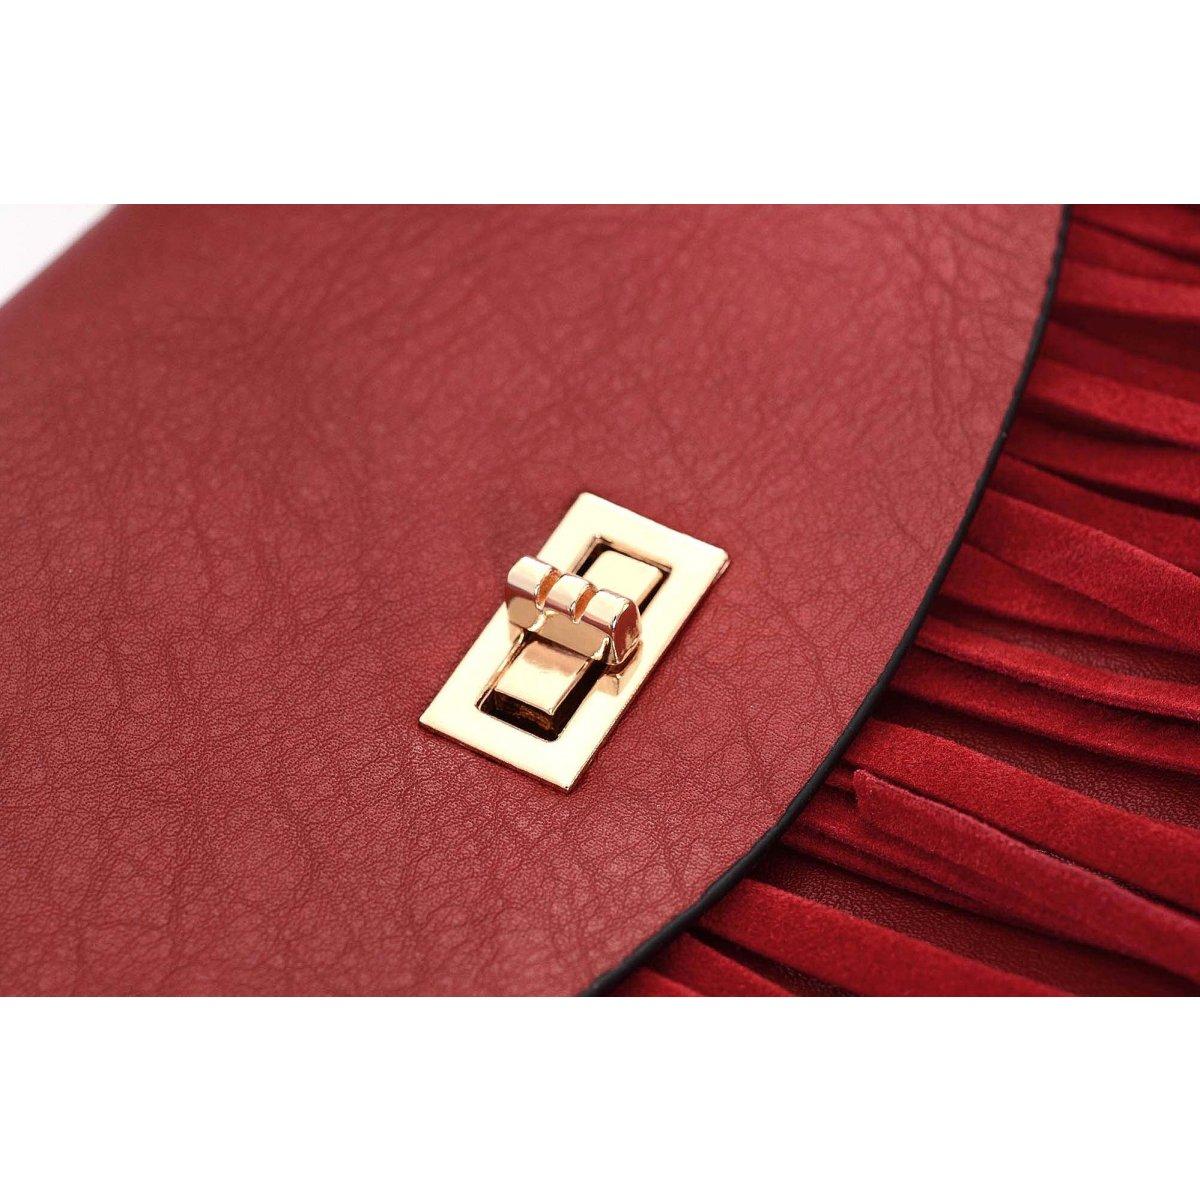 Sac pochette bandouli re les sacs de krlot fk161039 couleur principale 1 - Sac de ciment pas cher ...